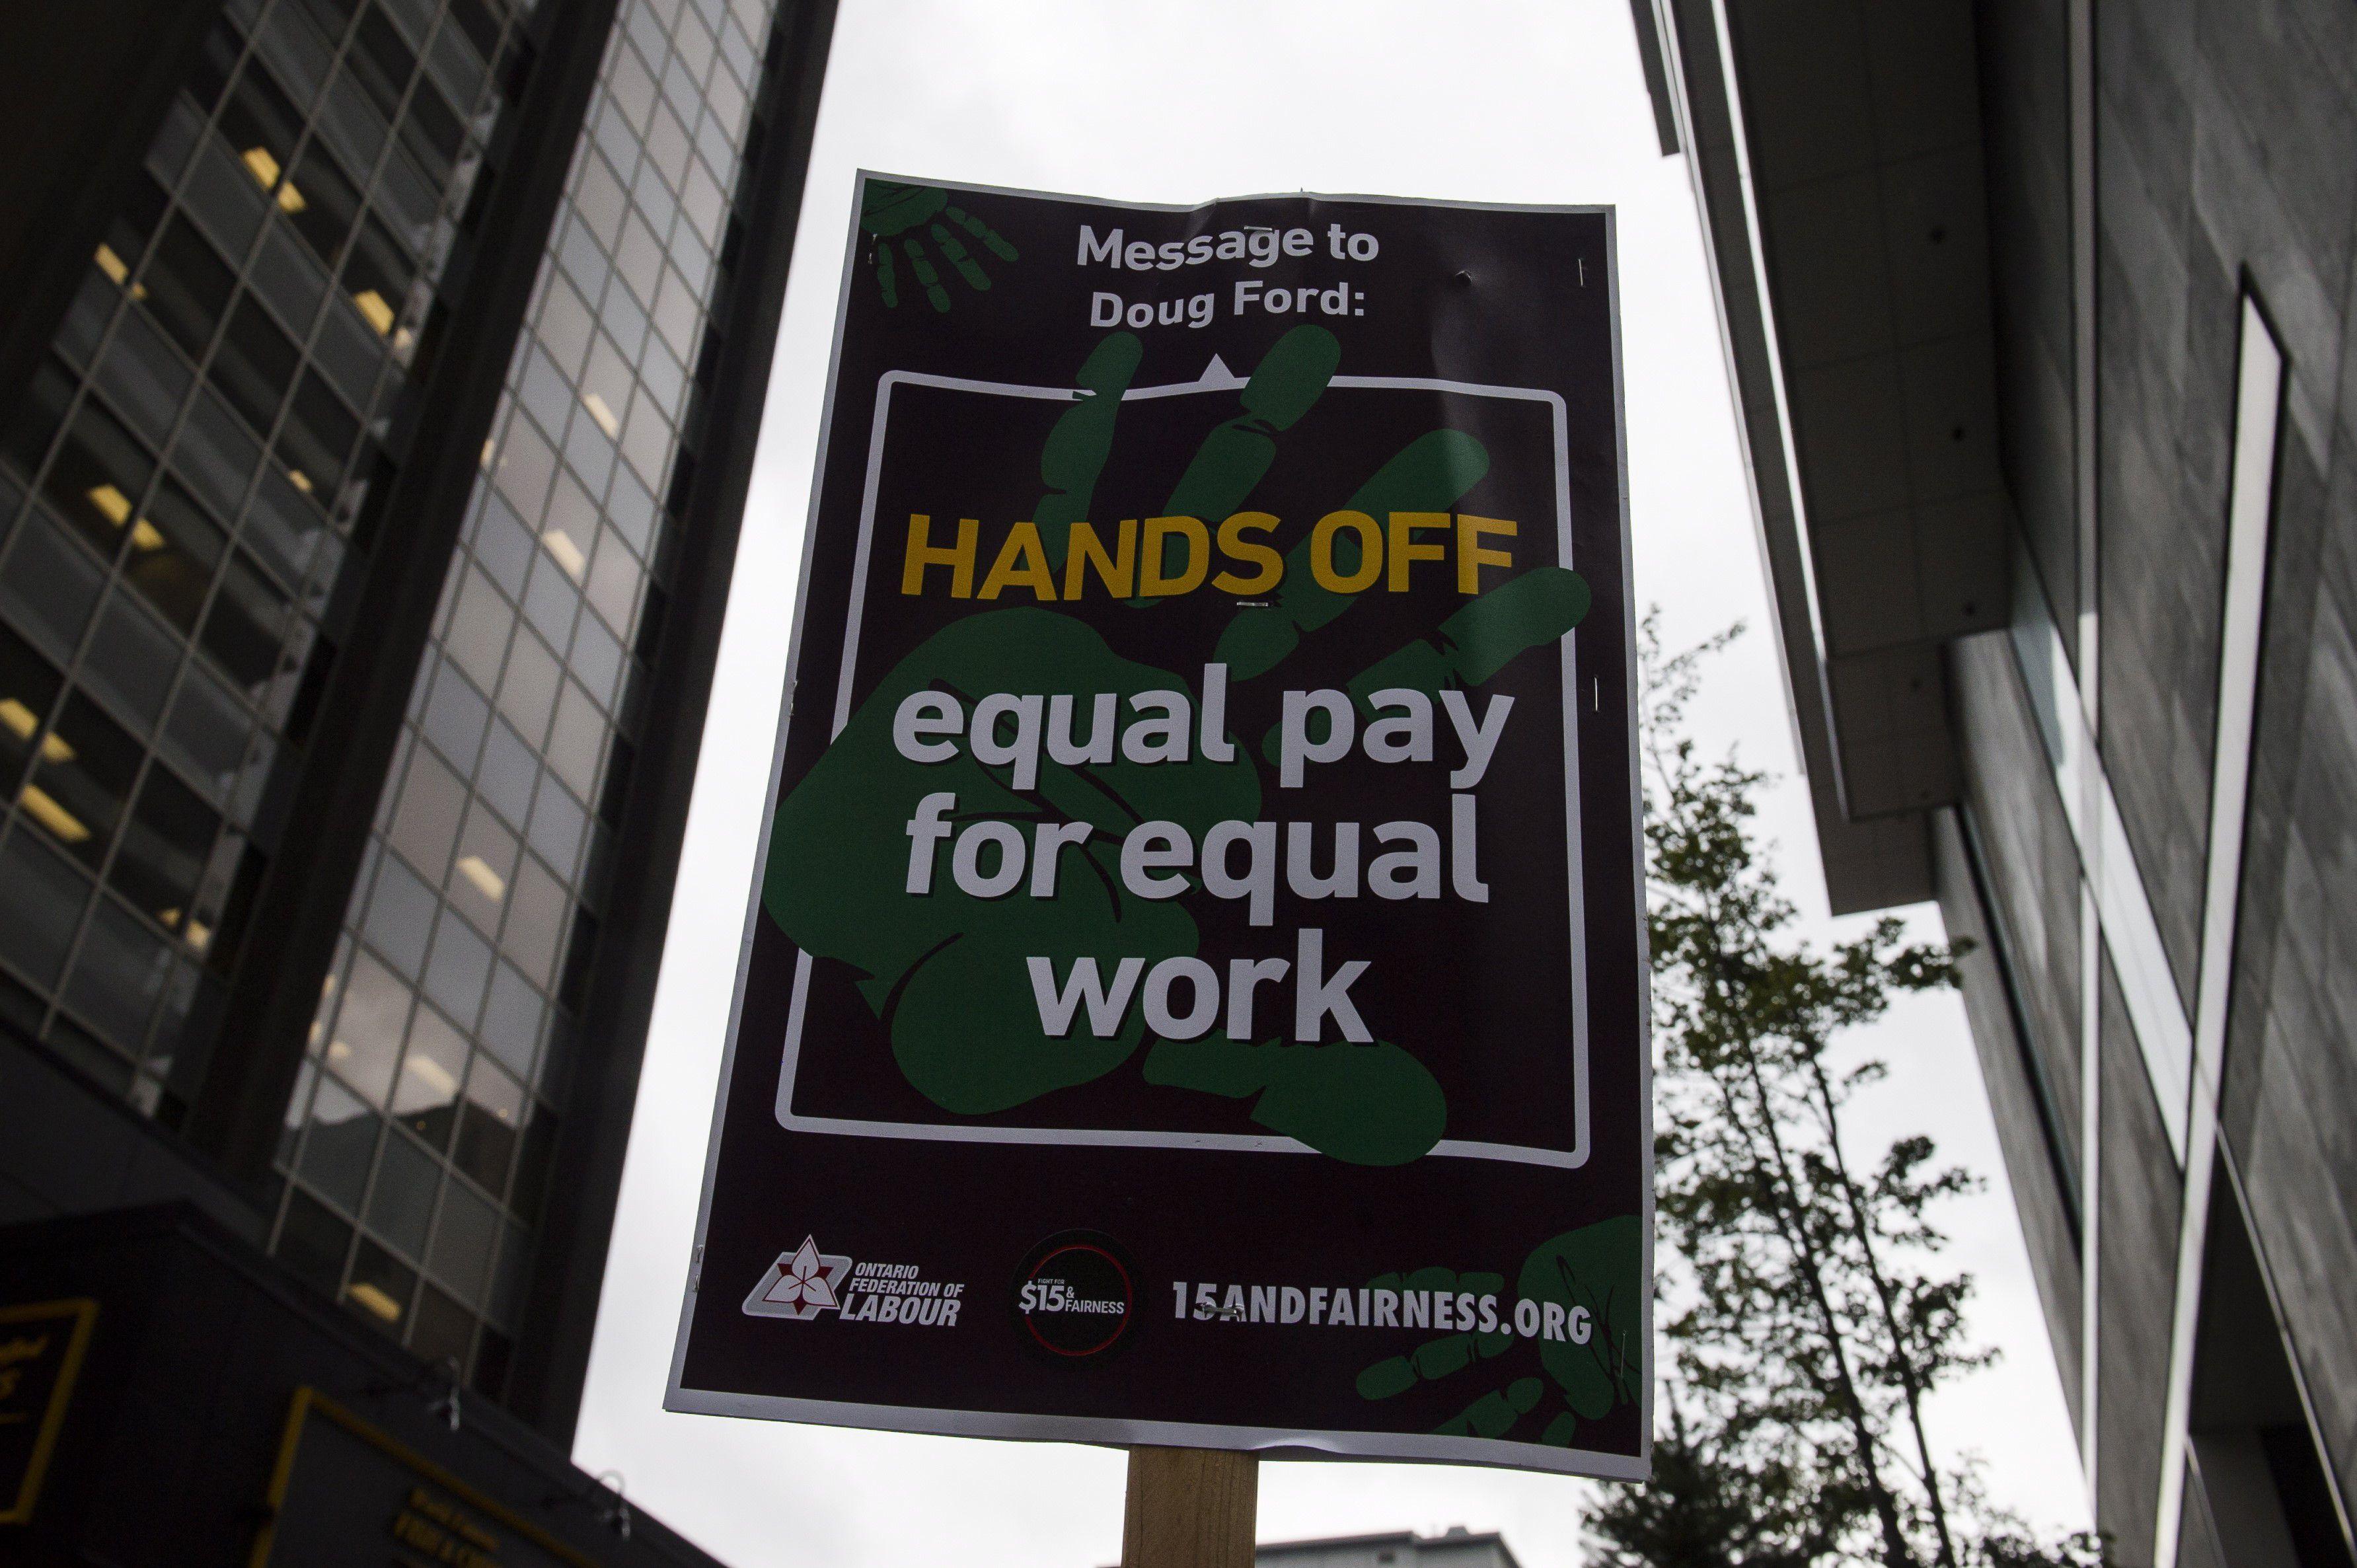 Ontario to freeze minimum wage, eliminate mandatory paid